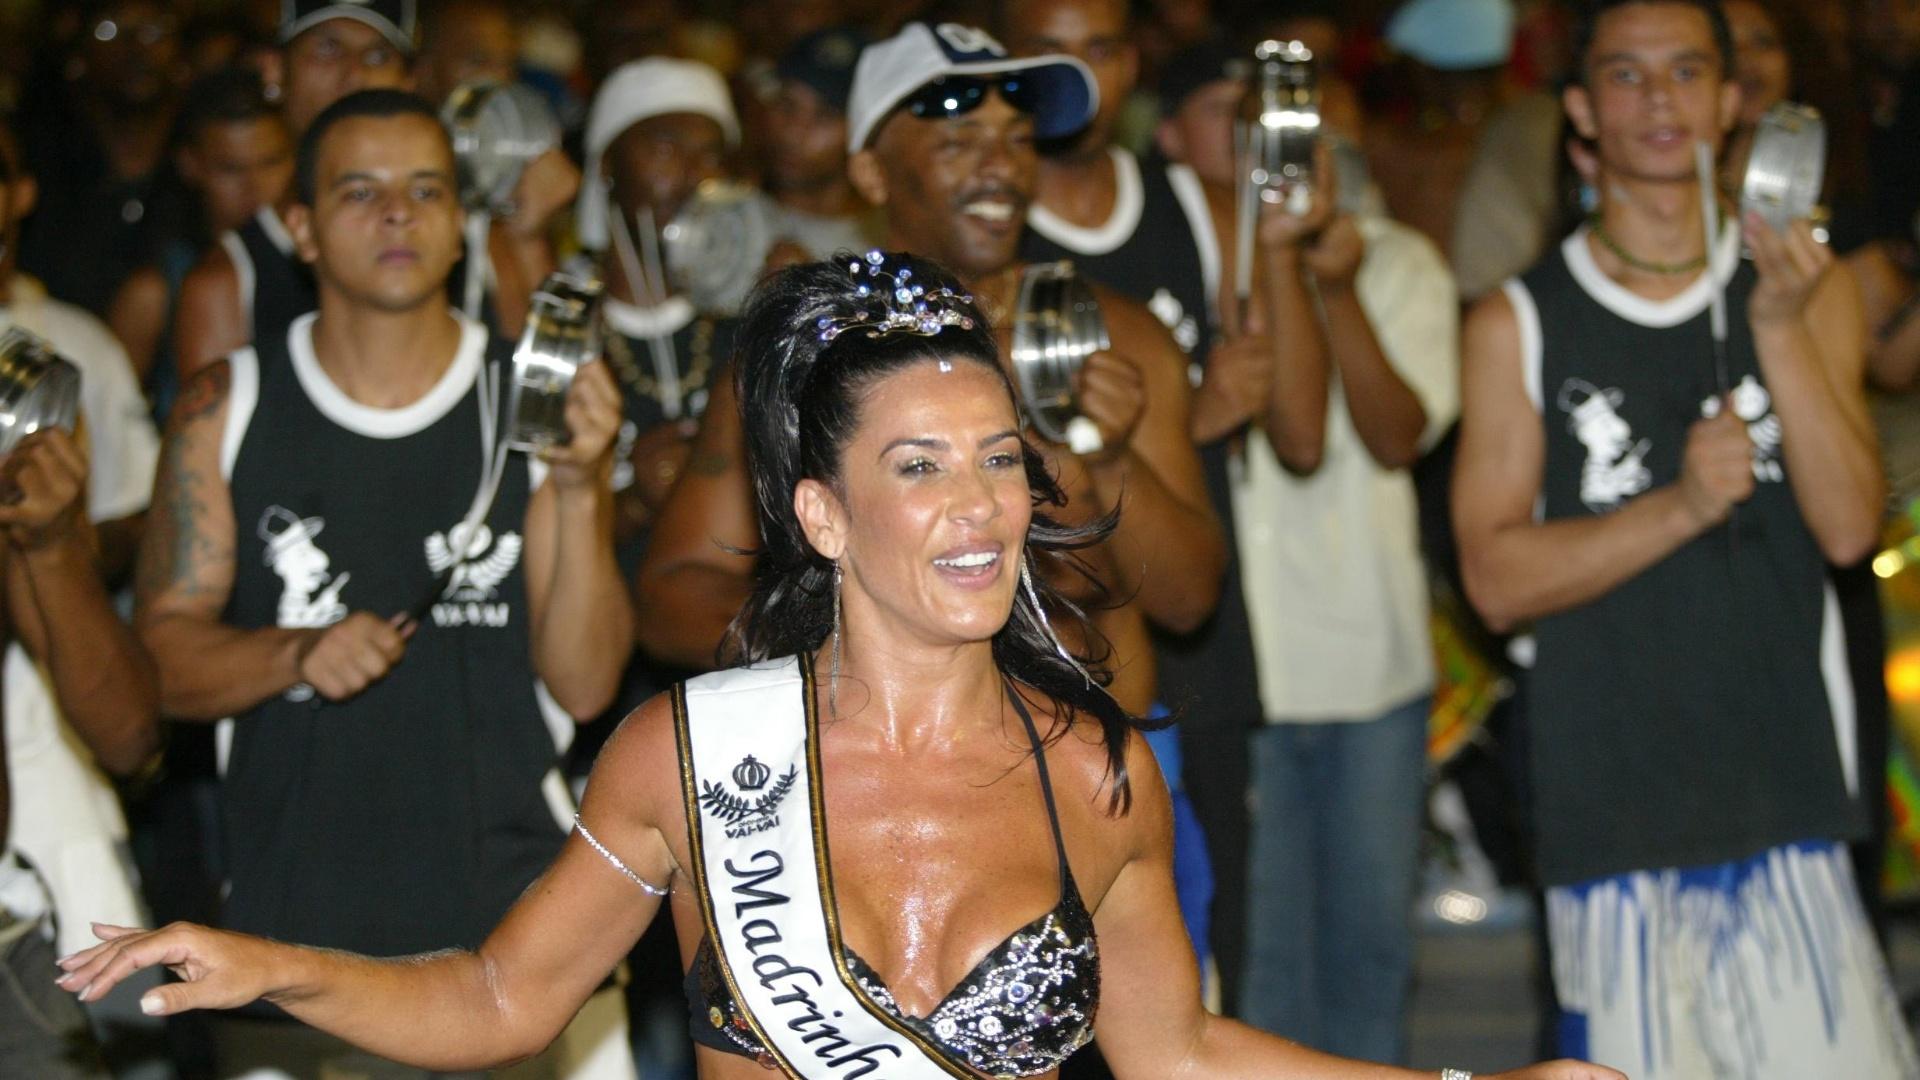 Como madrinha da bateria da escola de samba Vai Vai, Scheila Carvalho ensaia na escola no Sambódromo de SP (2007)